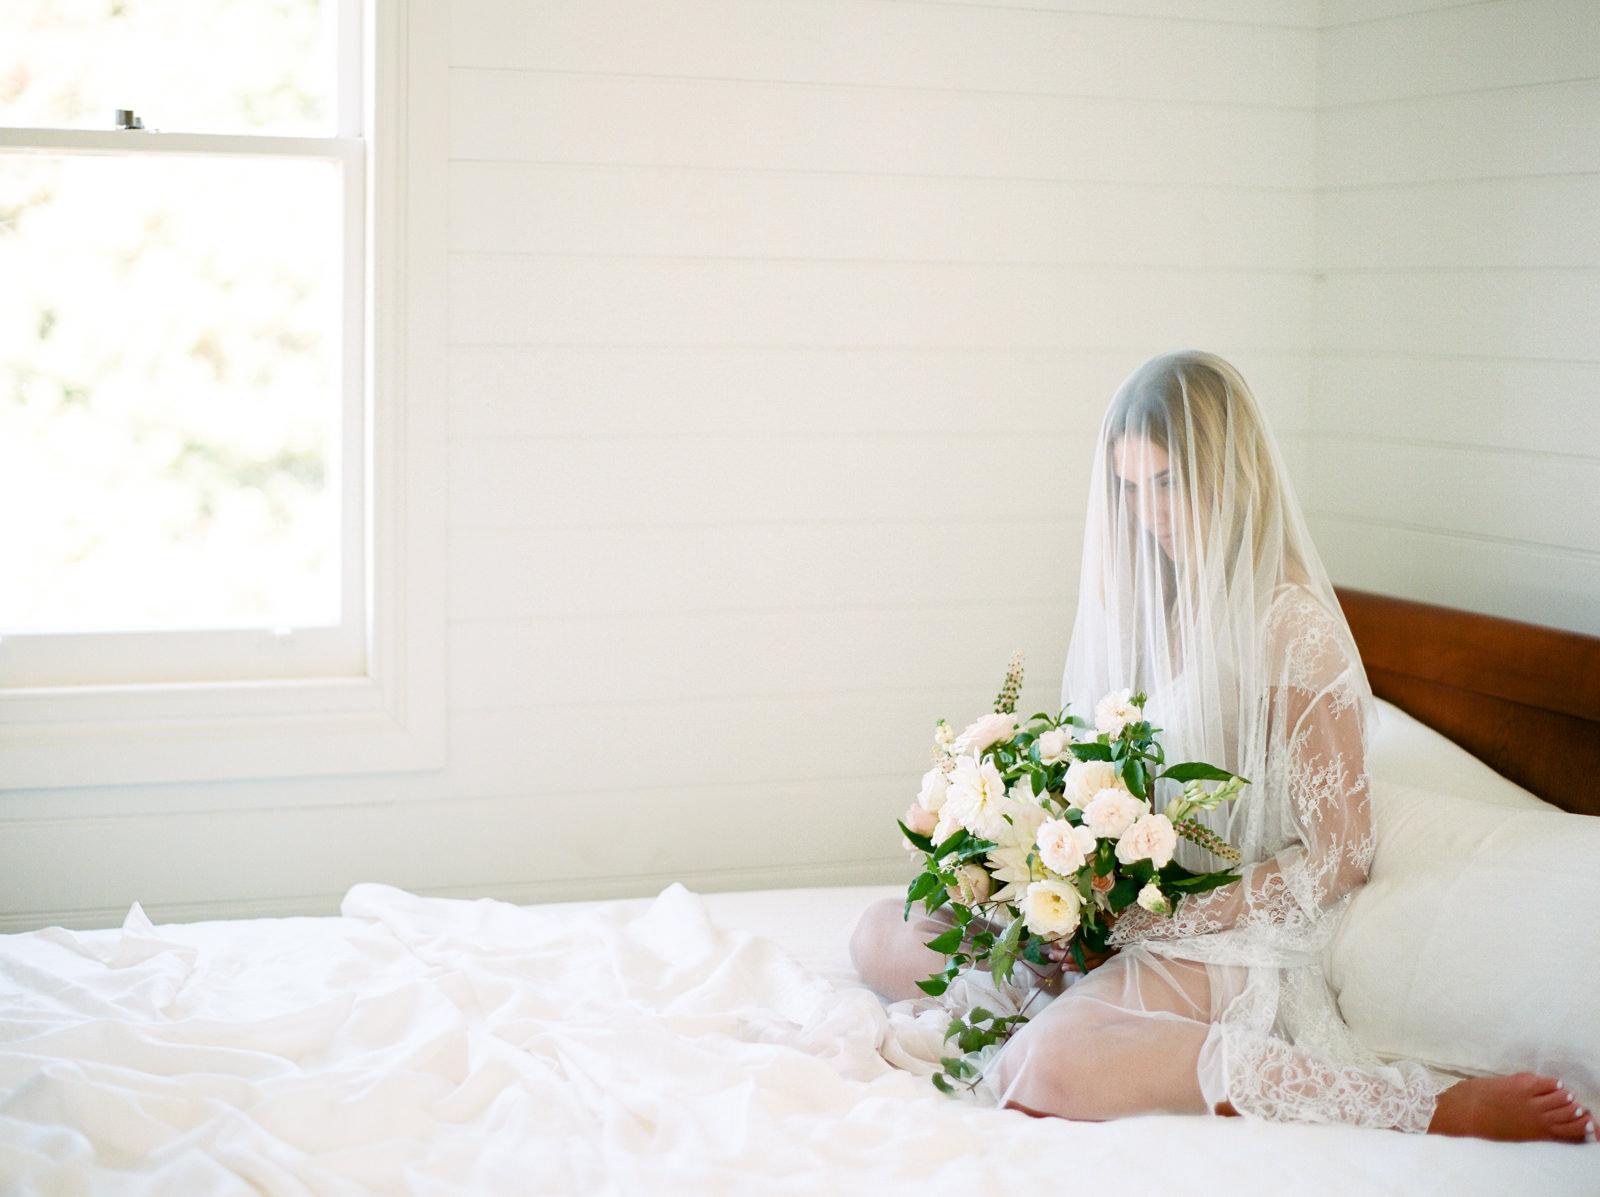 waop_theriftbowral_elopement-0078.jpg